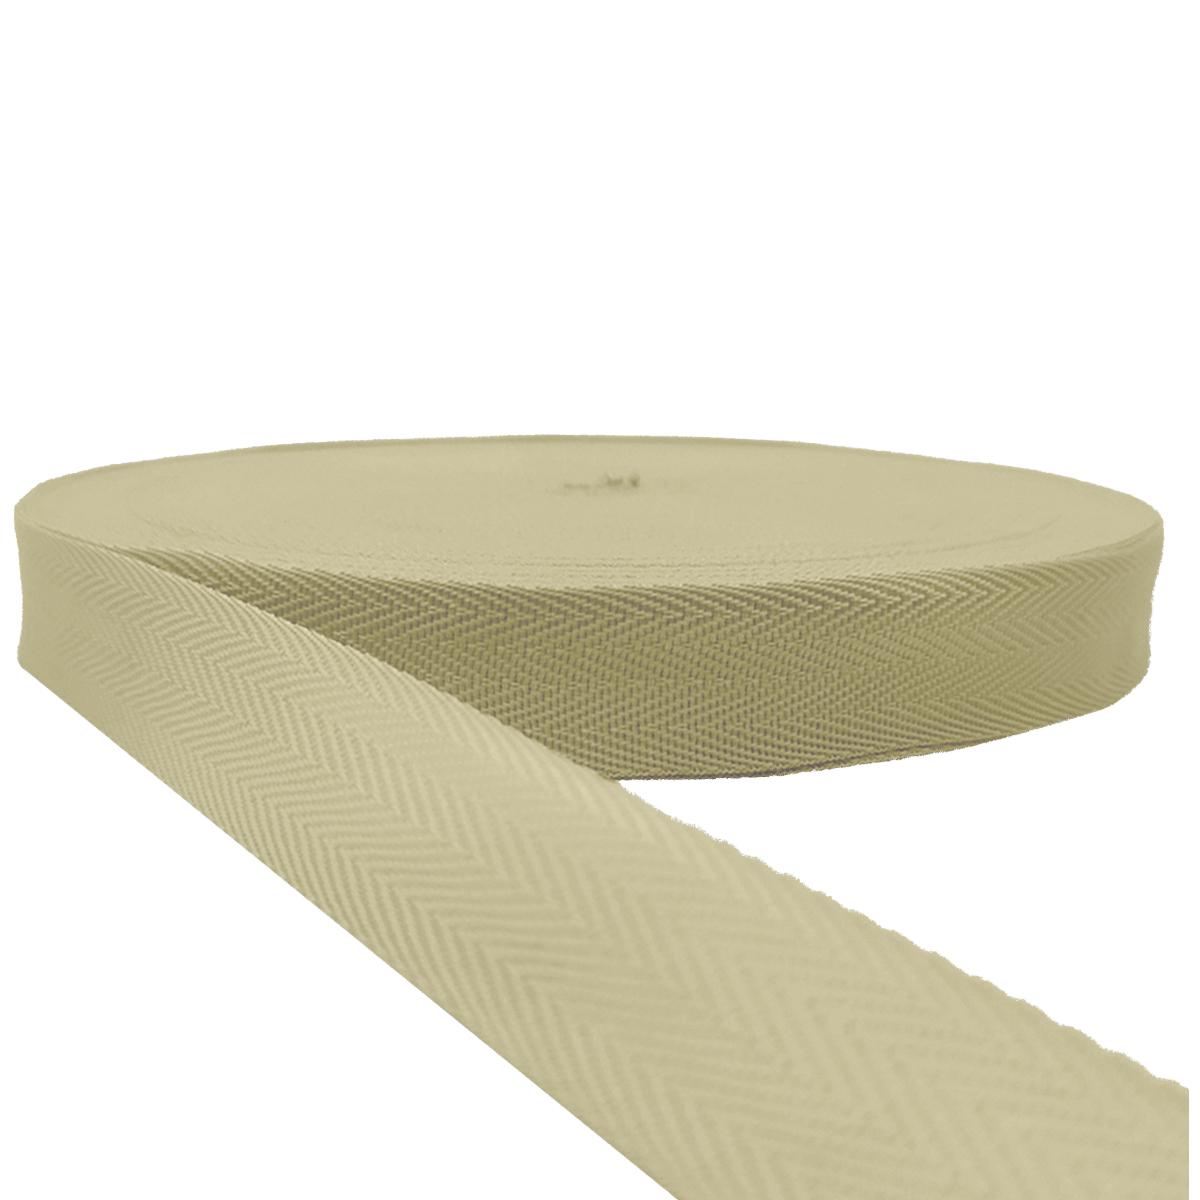 Rolo de Gorgurão (Escama) 25mm c/ 100 metros